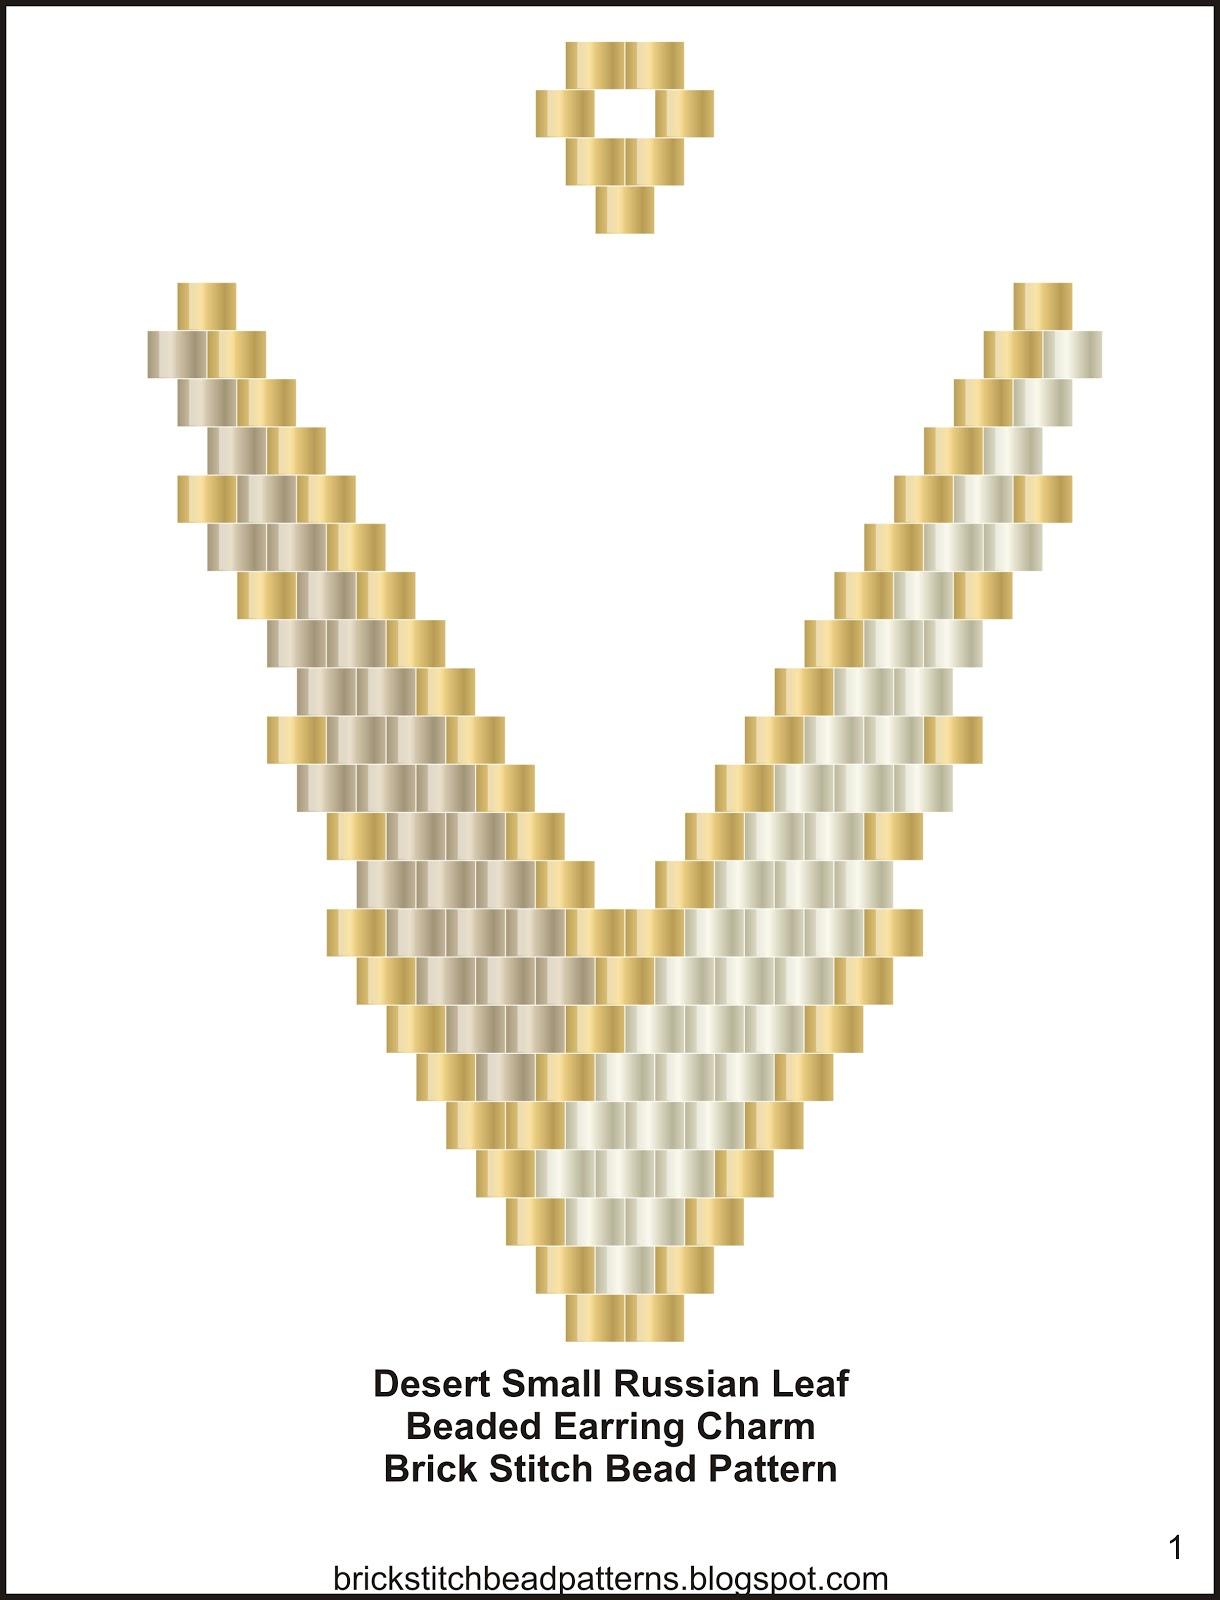 Brick Stitch Bead Patterns Journal: Free Desert Small ...